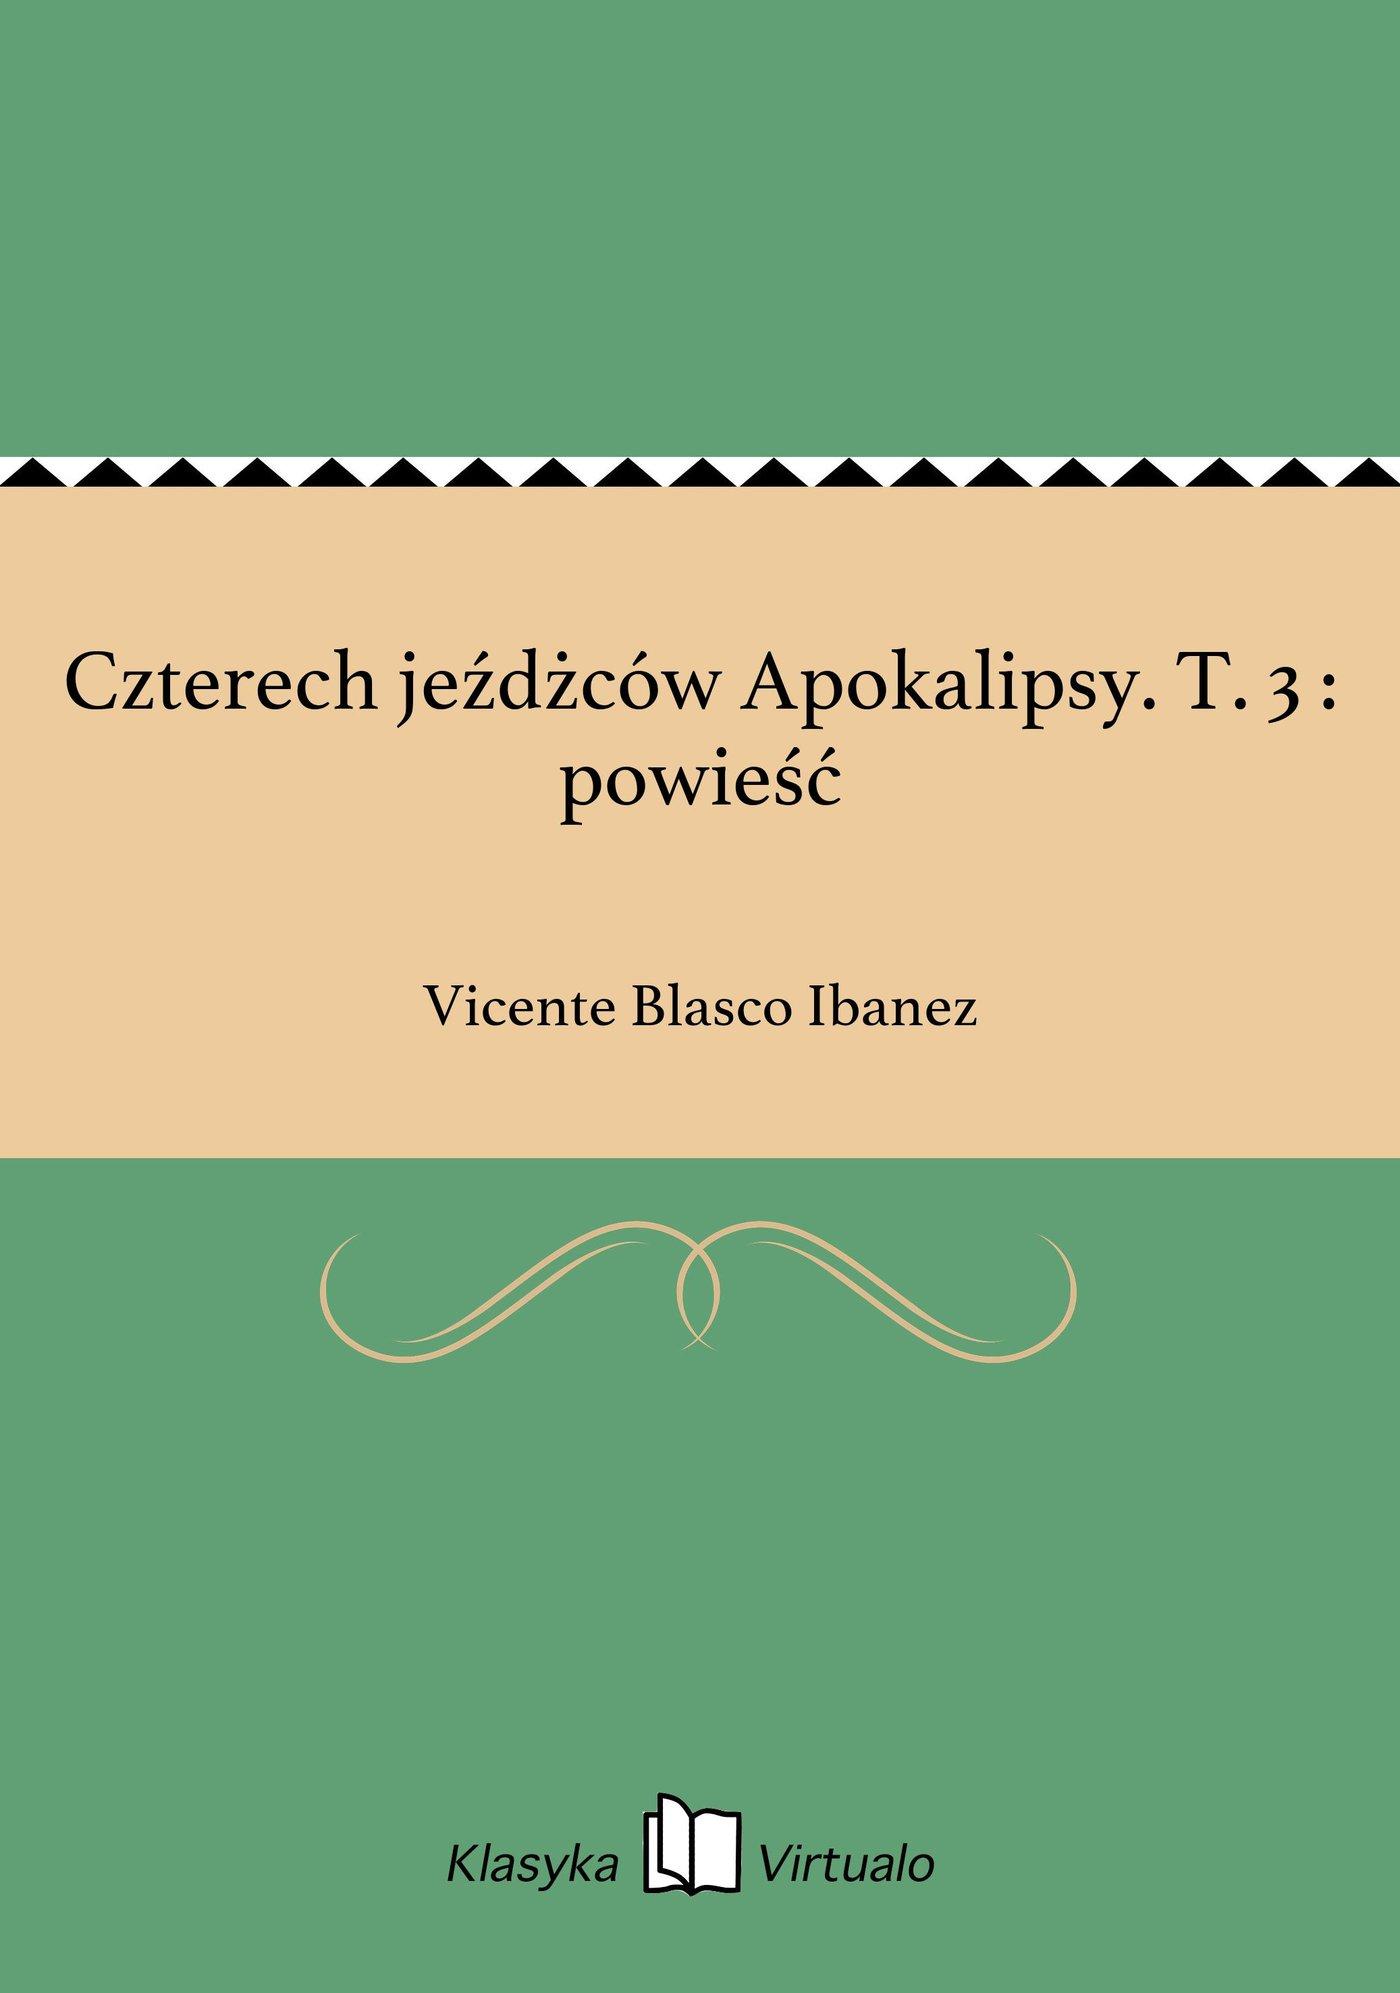 Czterech jeźdżców Apokalipsy. T. 3 : powieść - Ebook (Książka EPUB) do pobrania w formacie EPUB